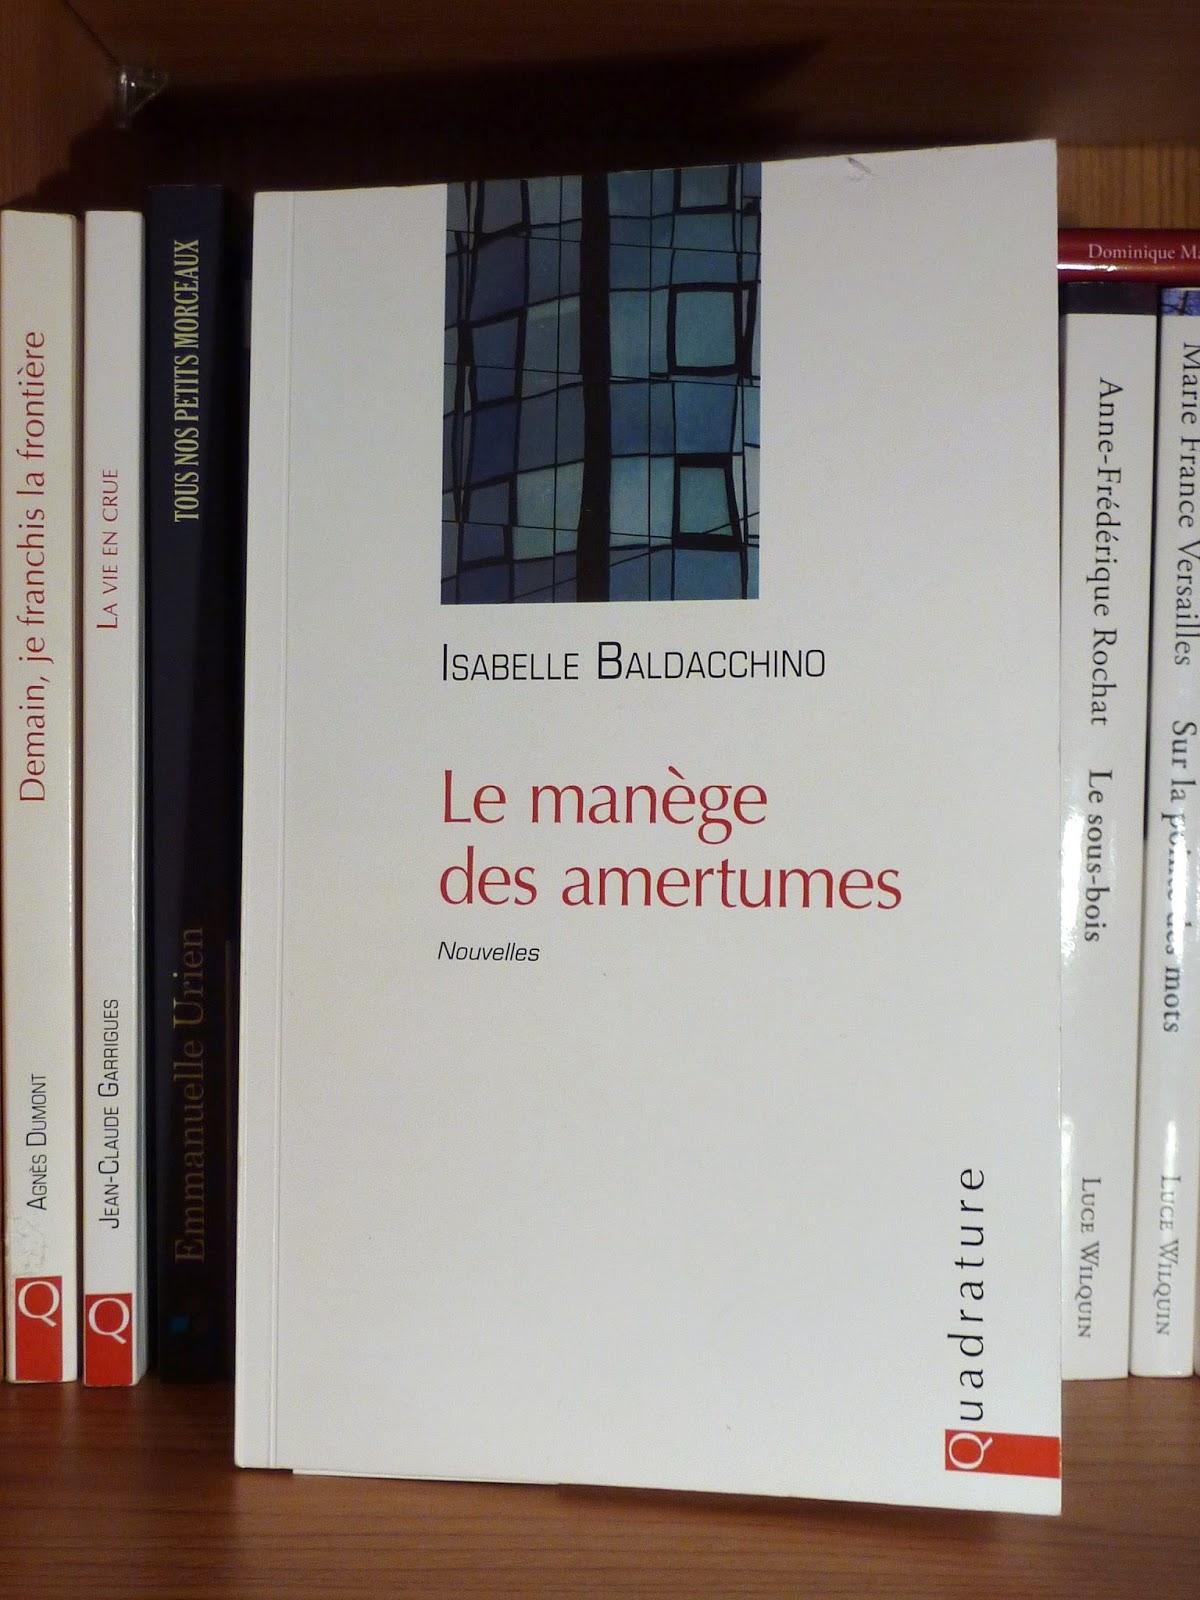 Le manège des amertumes - Isabelle Baldacchino